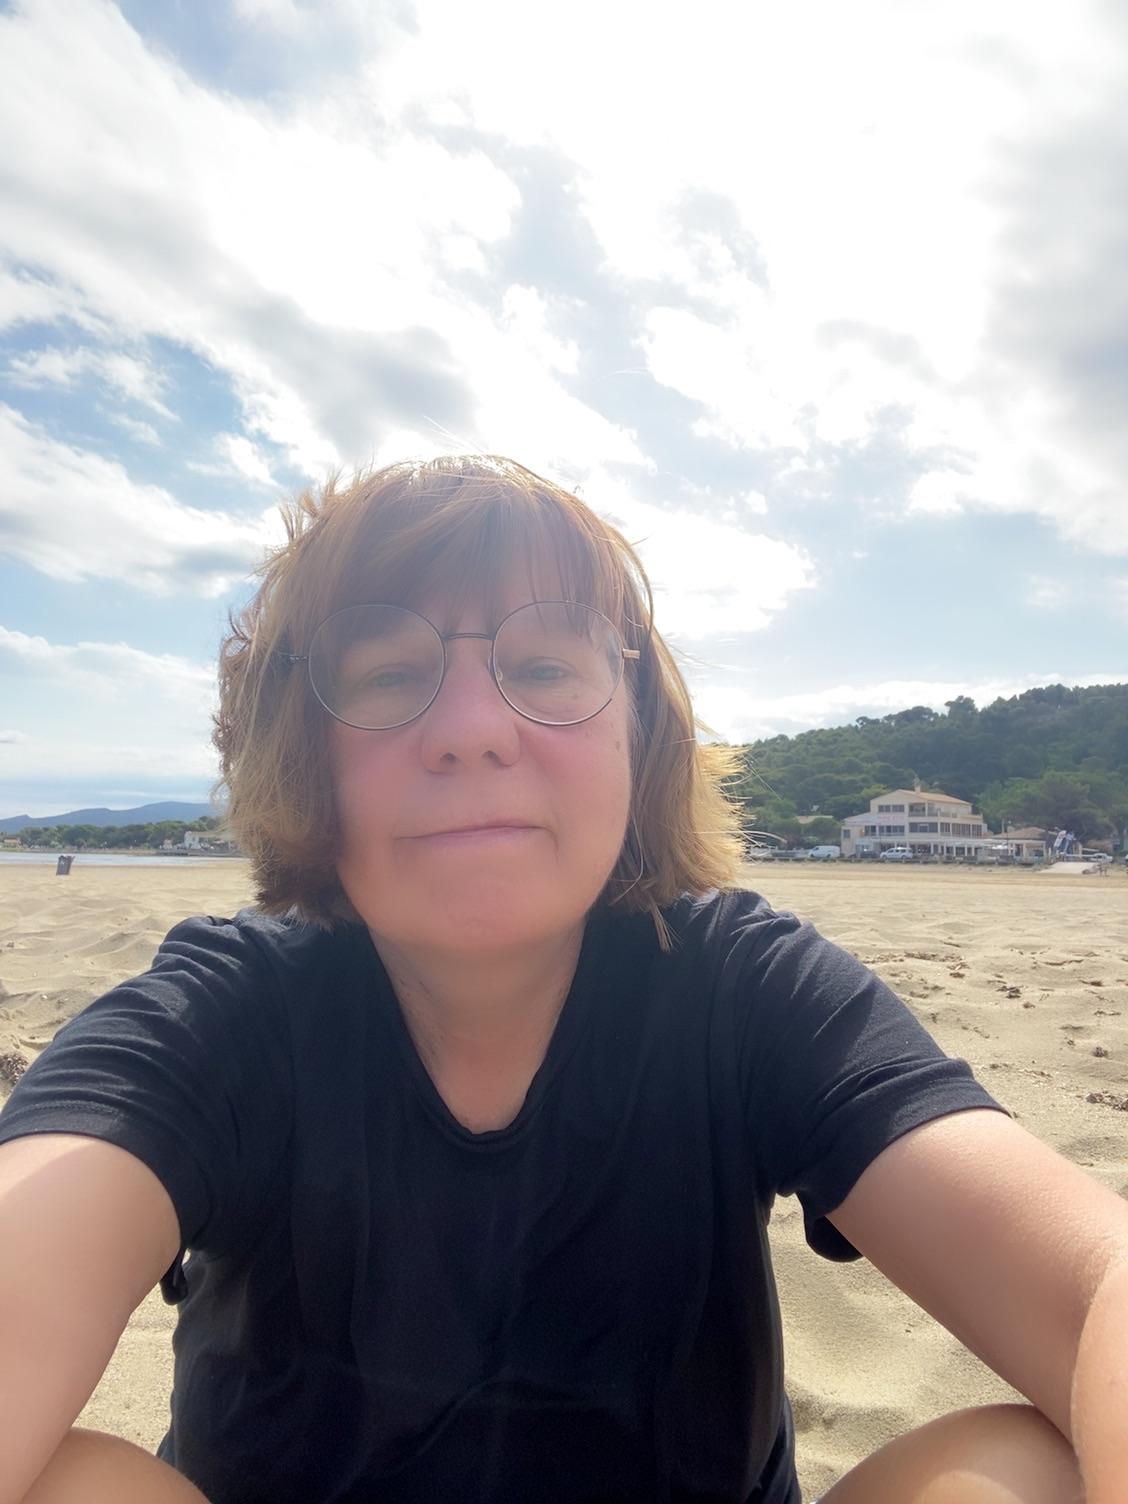 Это я на пляже сегодня с ощущением счастья. Дымка - это ветер нескт песок